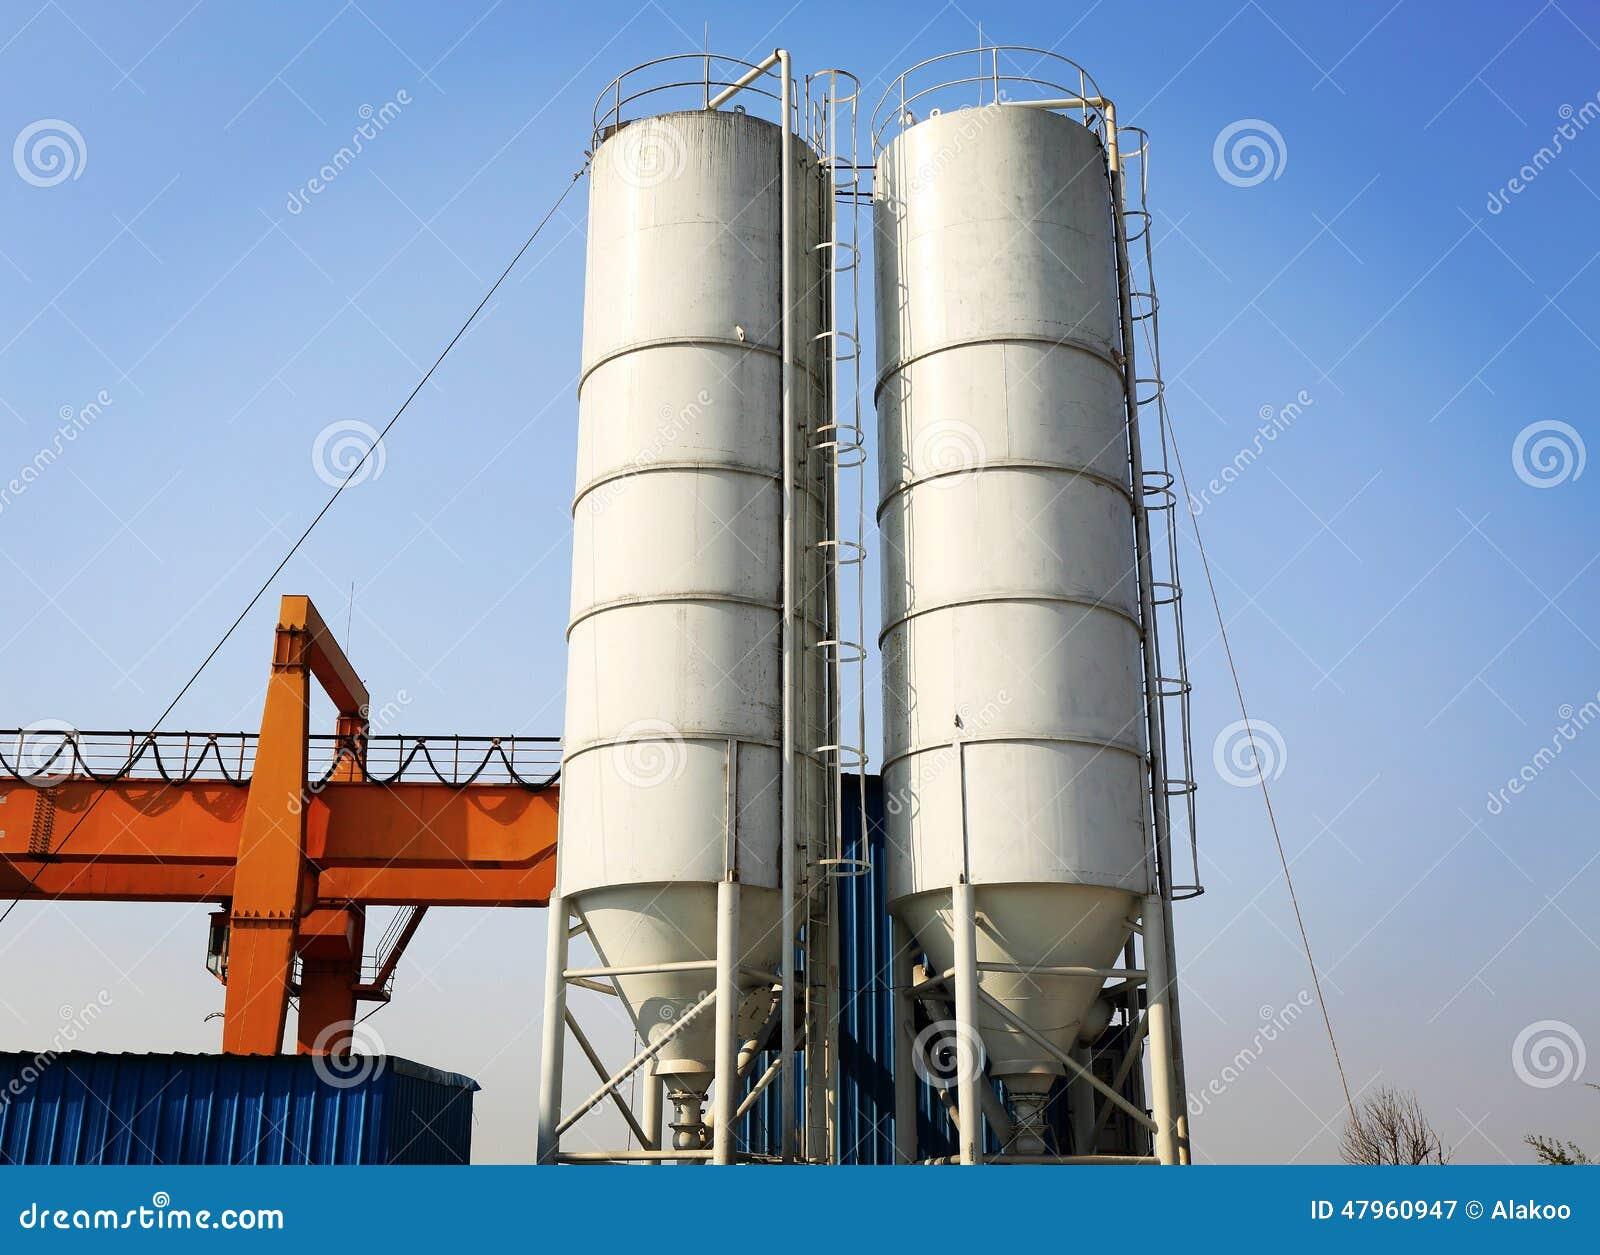 Silo de cemento industrial en la fábrica del cemento, el tanque del cemento, torre del almacenamiento del cemento